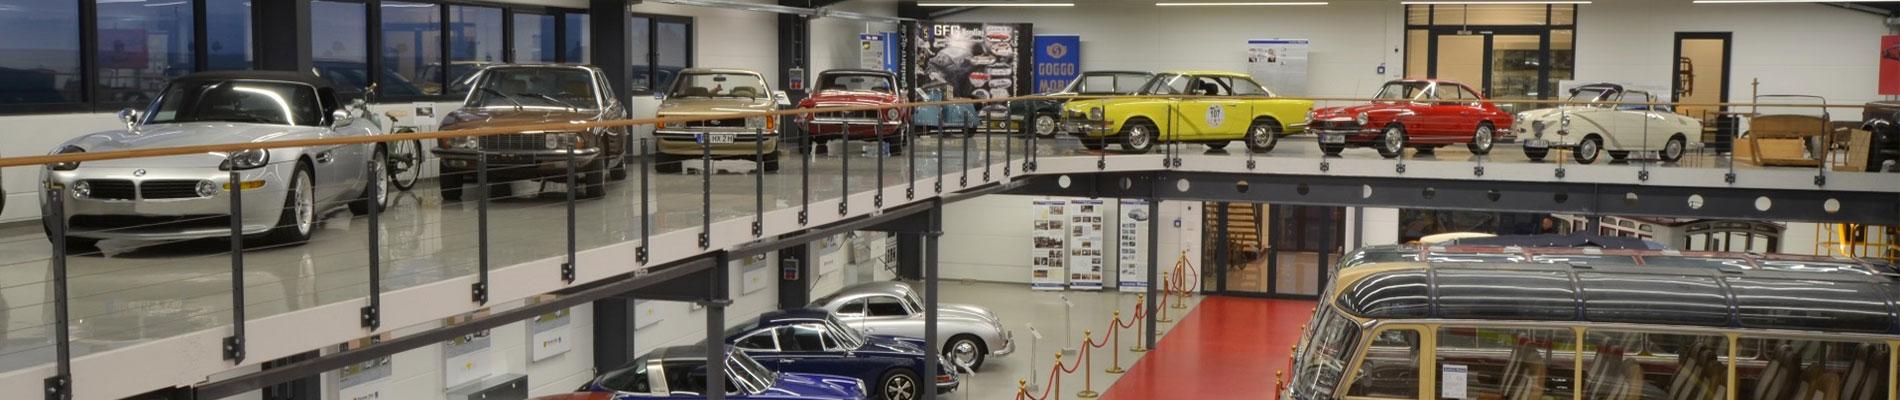 Oldtimerbus Garage und Fahrzeughalle